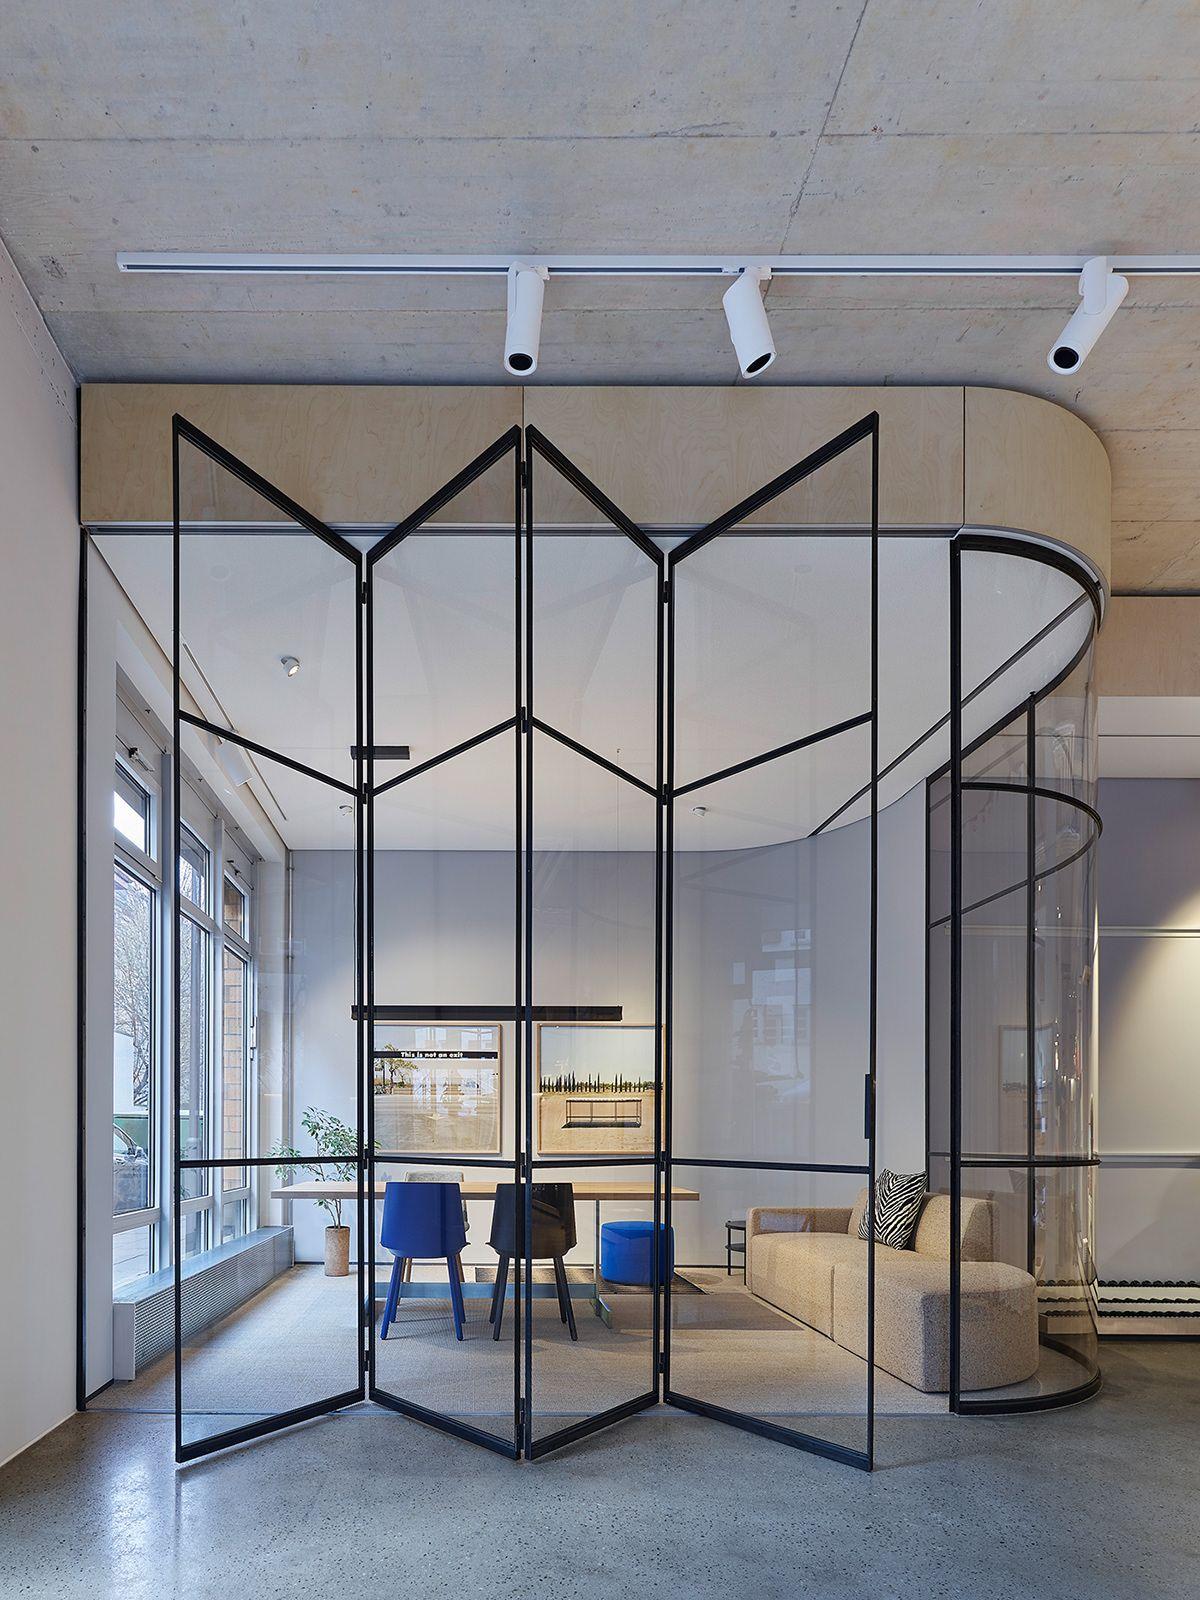 Showcase UnternehmenForm on Behance   Corporate office design ...